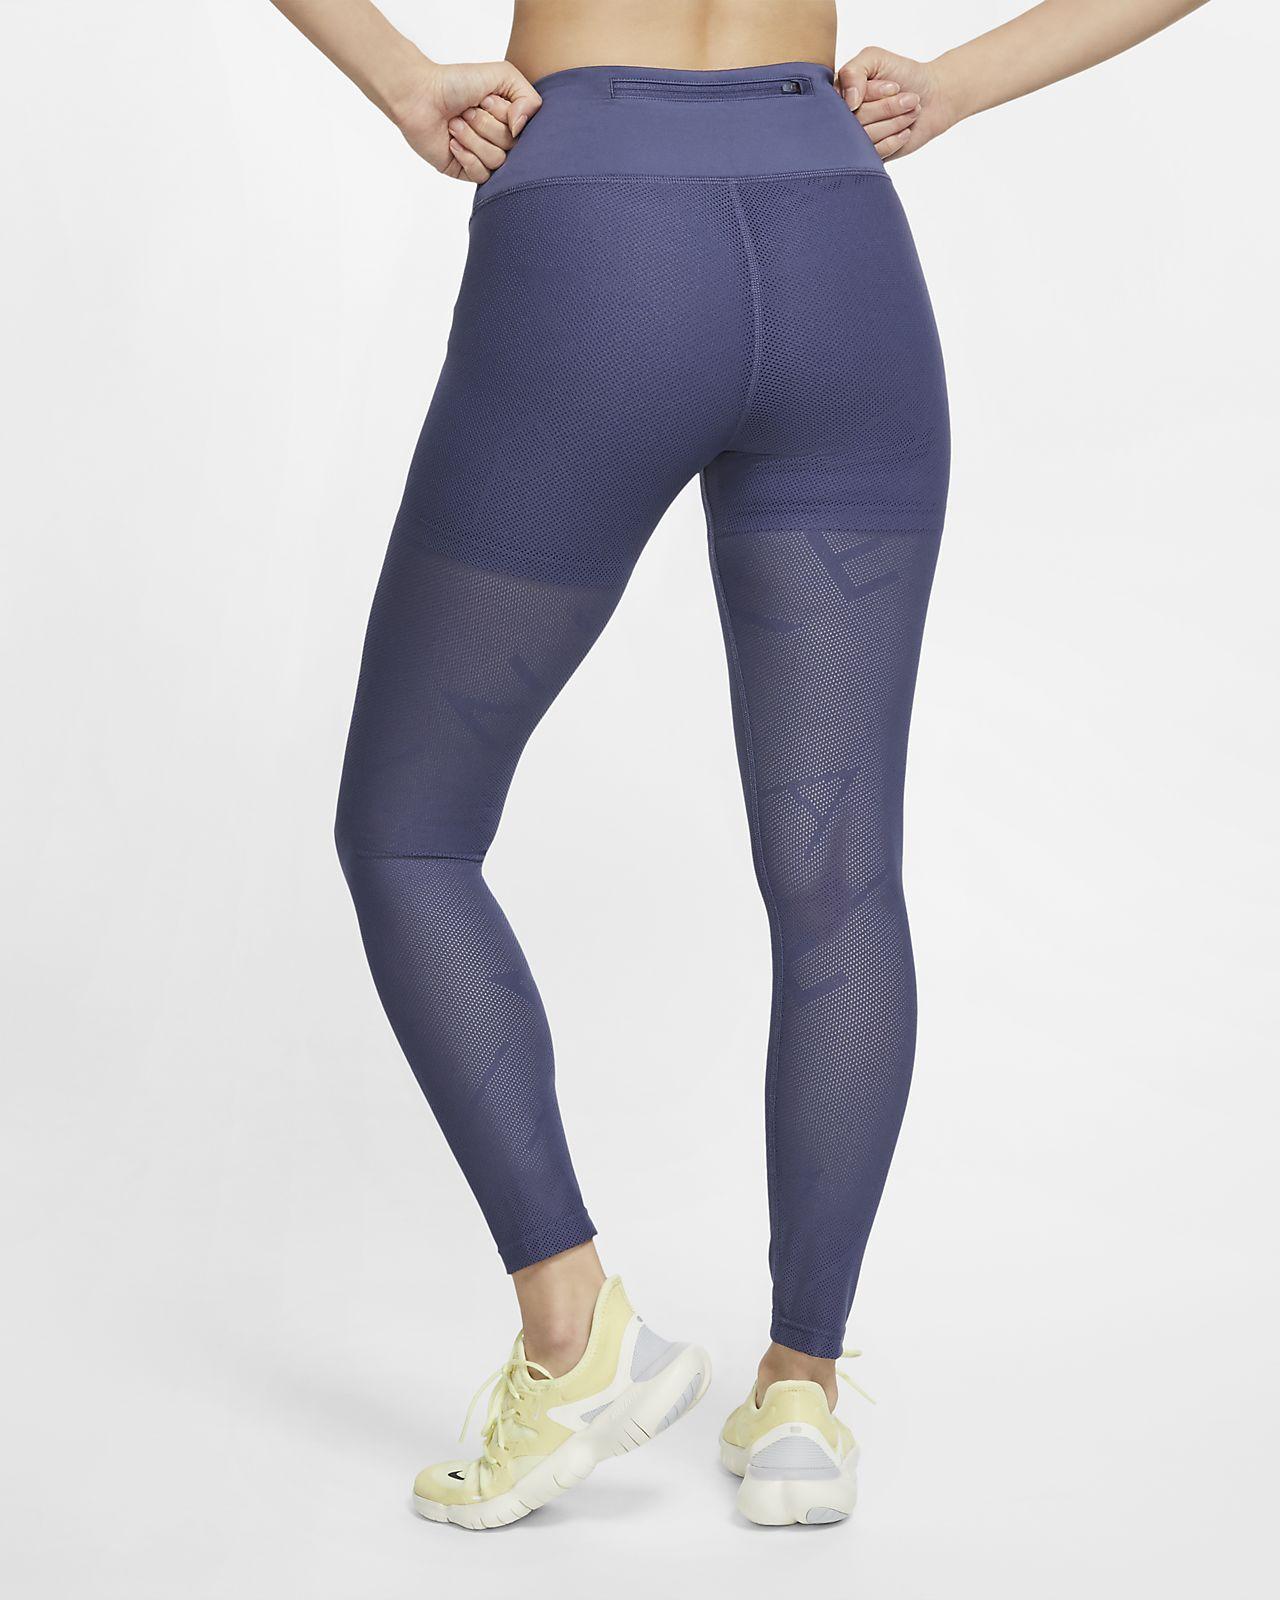 nike 7/8 leggings blue